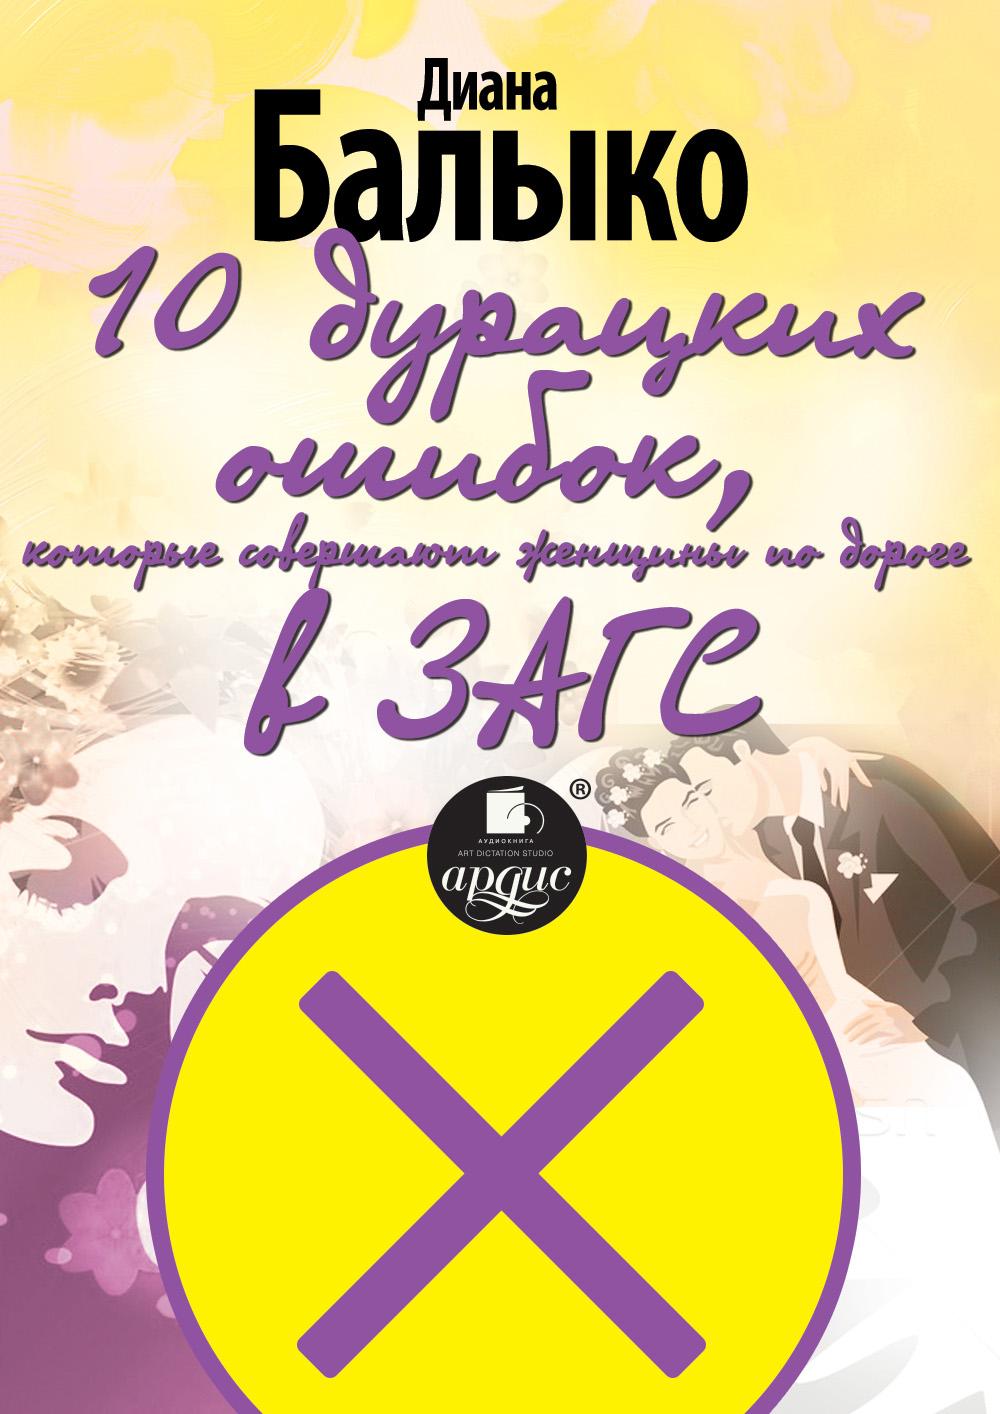 Диана Балыко 10 дурацких ошибок, которые совершают женщины по дороге в ЗАГС диана балыко нлп для идеального секса 15 техник нлп для обольстителей и обольстительниц